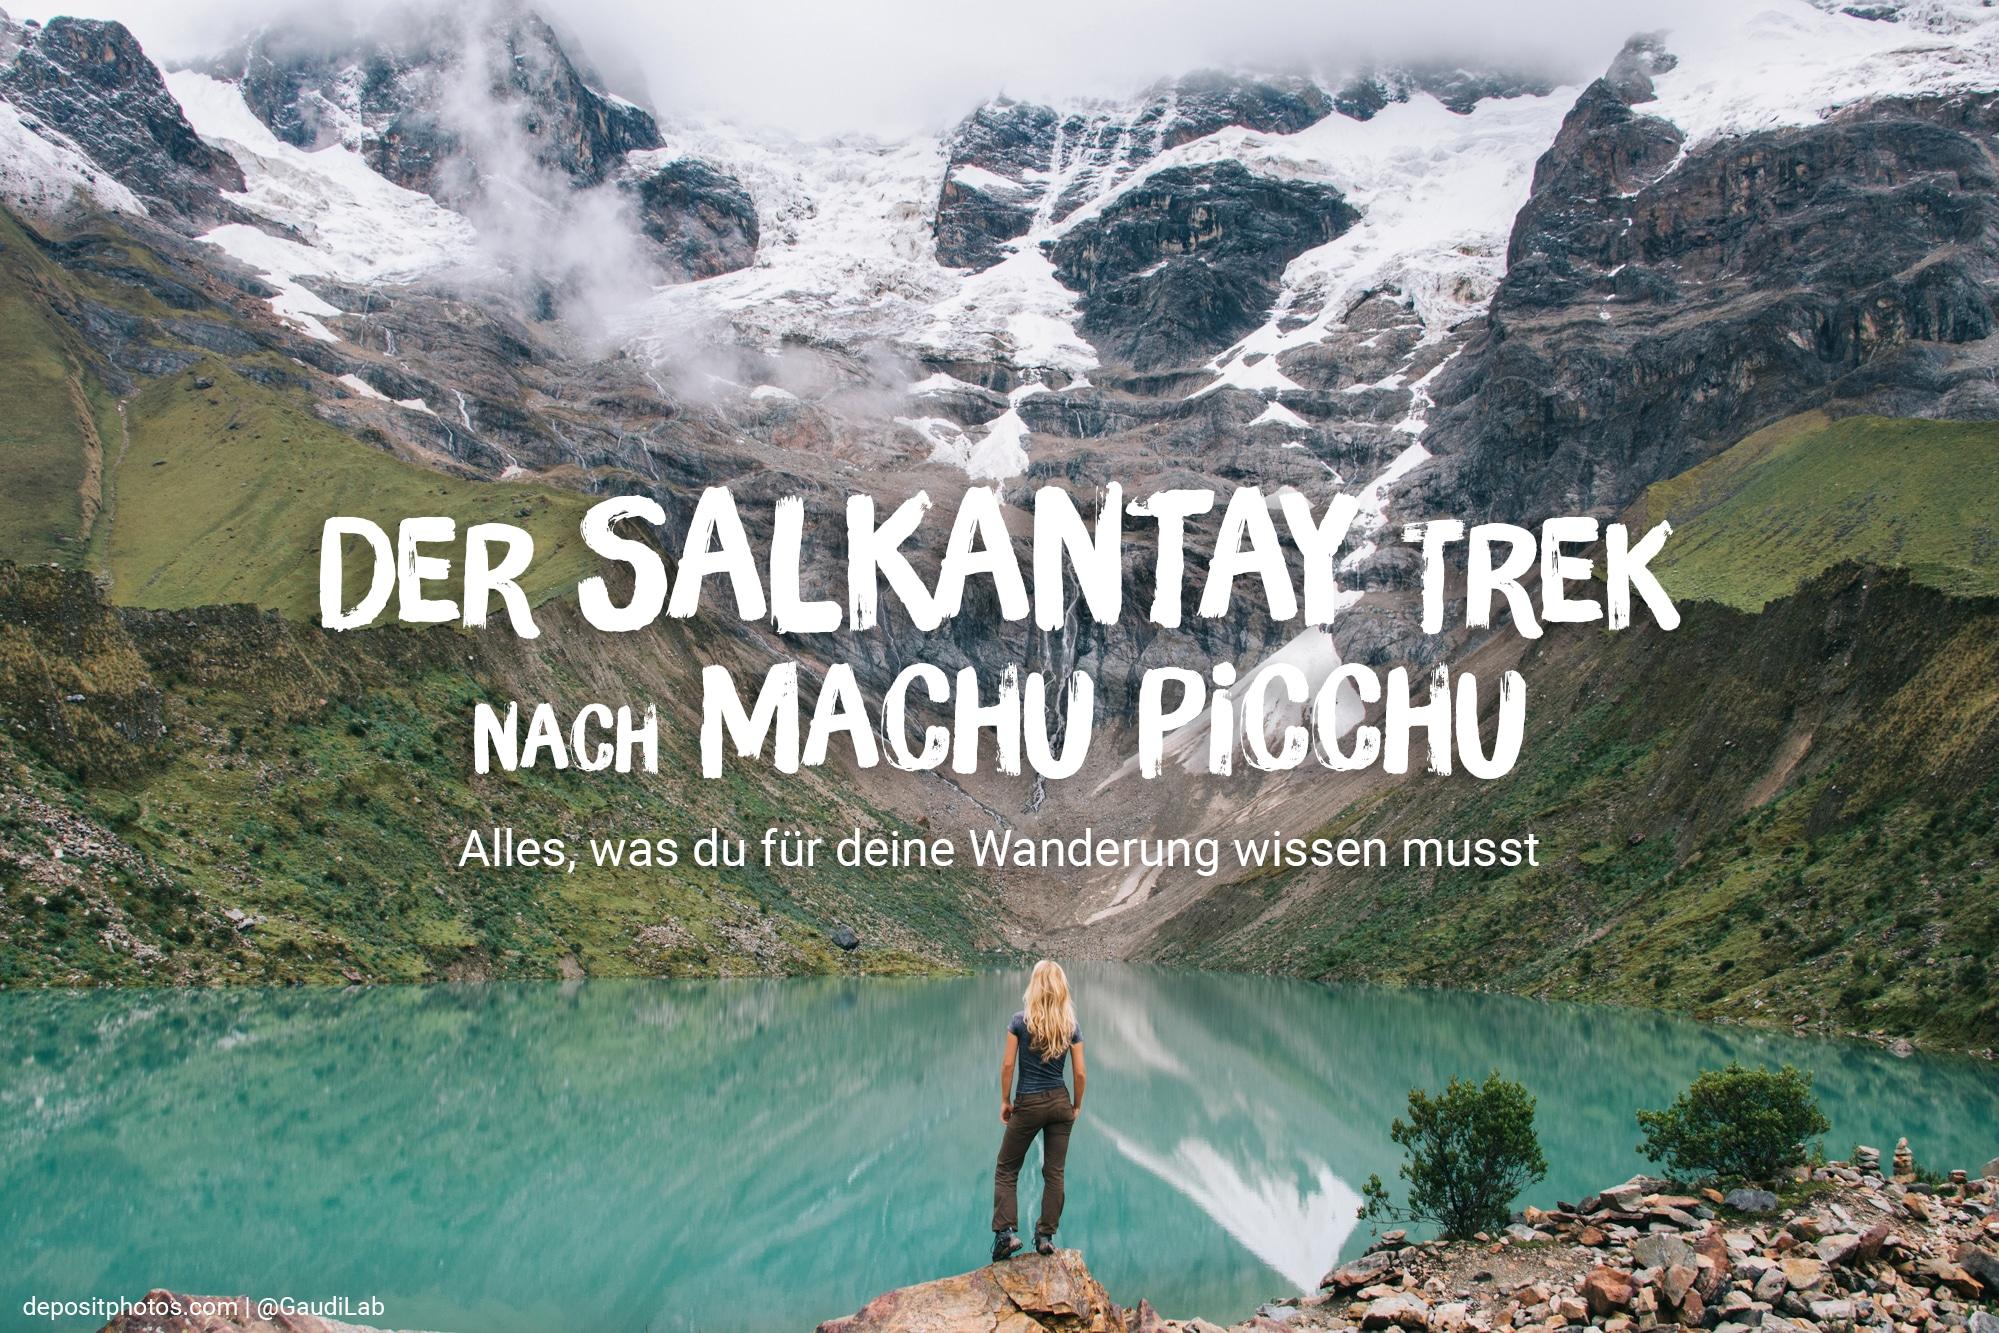 Der Salkantay Trek nach Machu Picchu: Alles, was du für deine Wanderung wissen musst